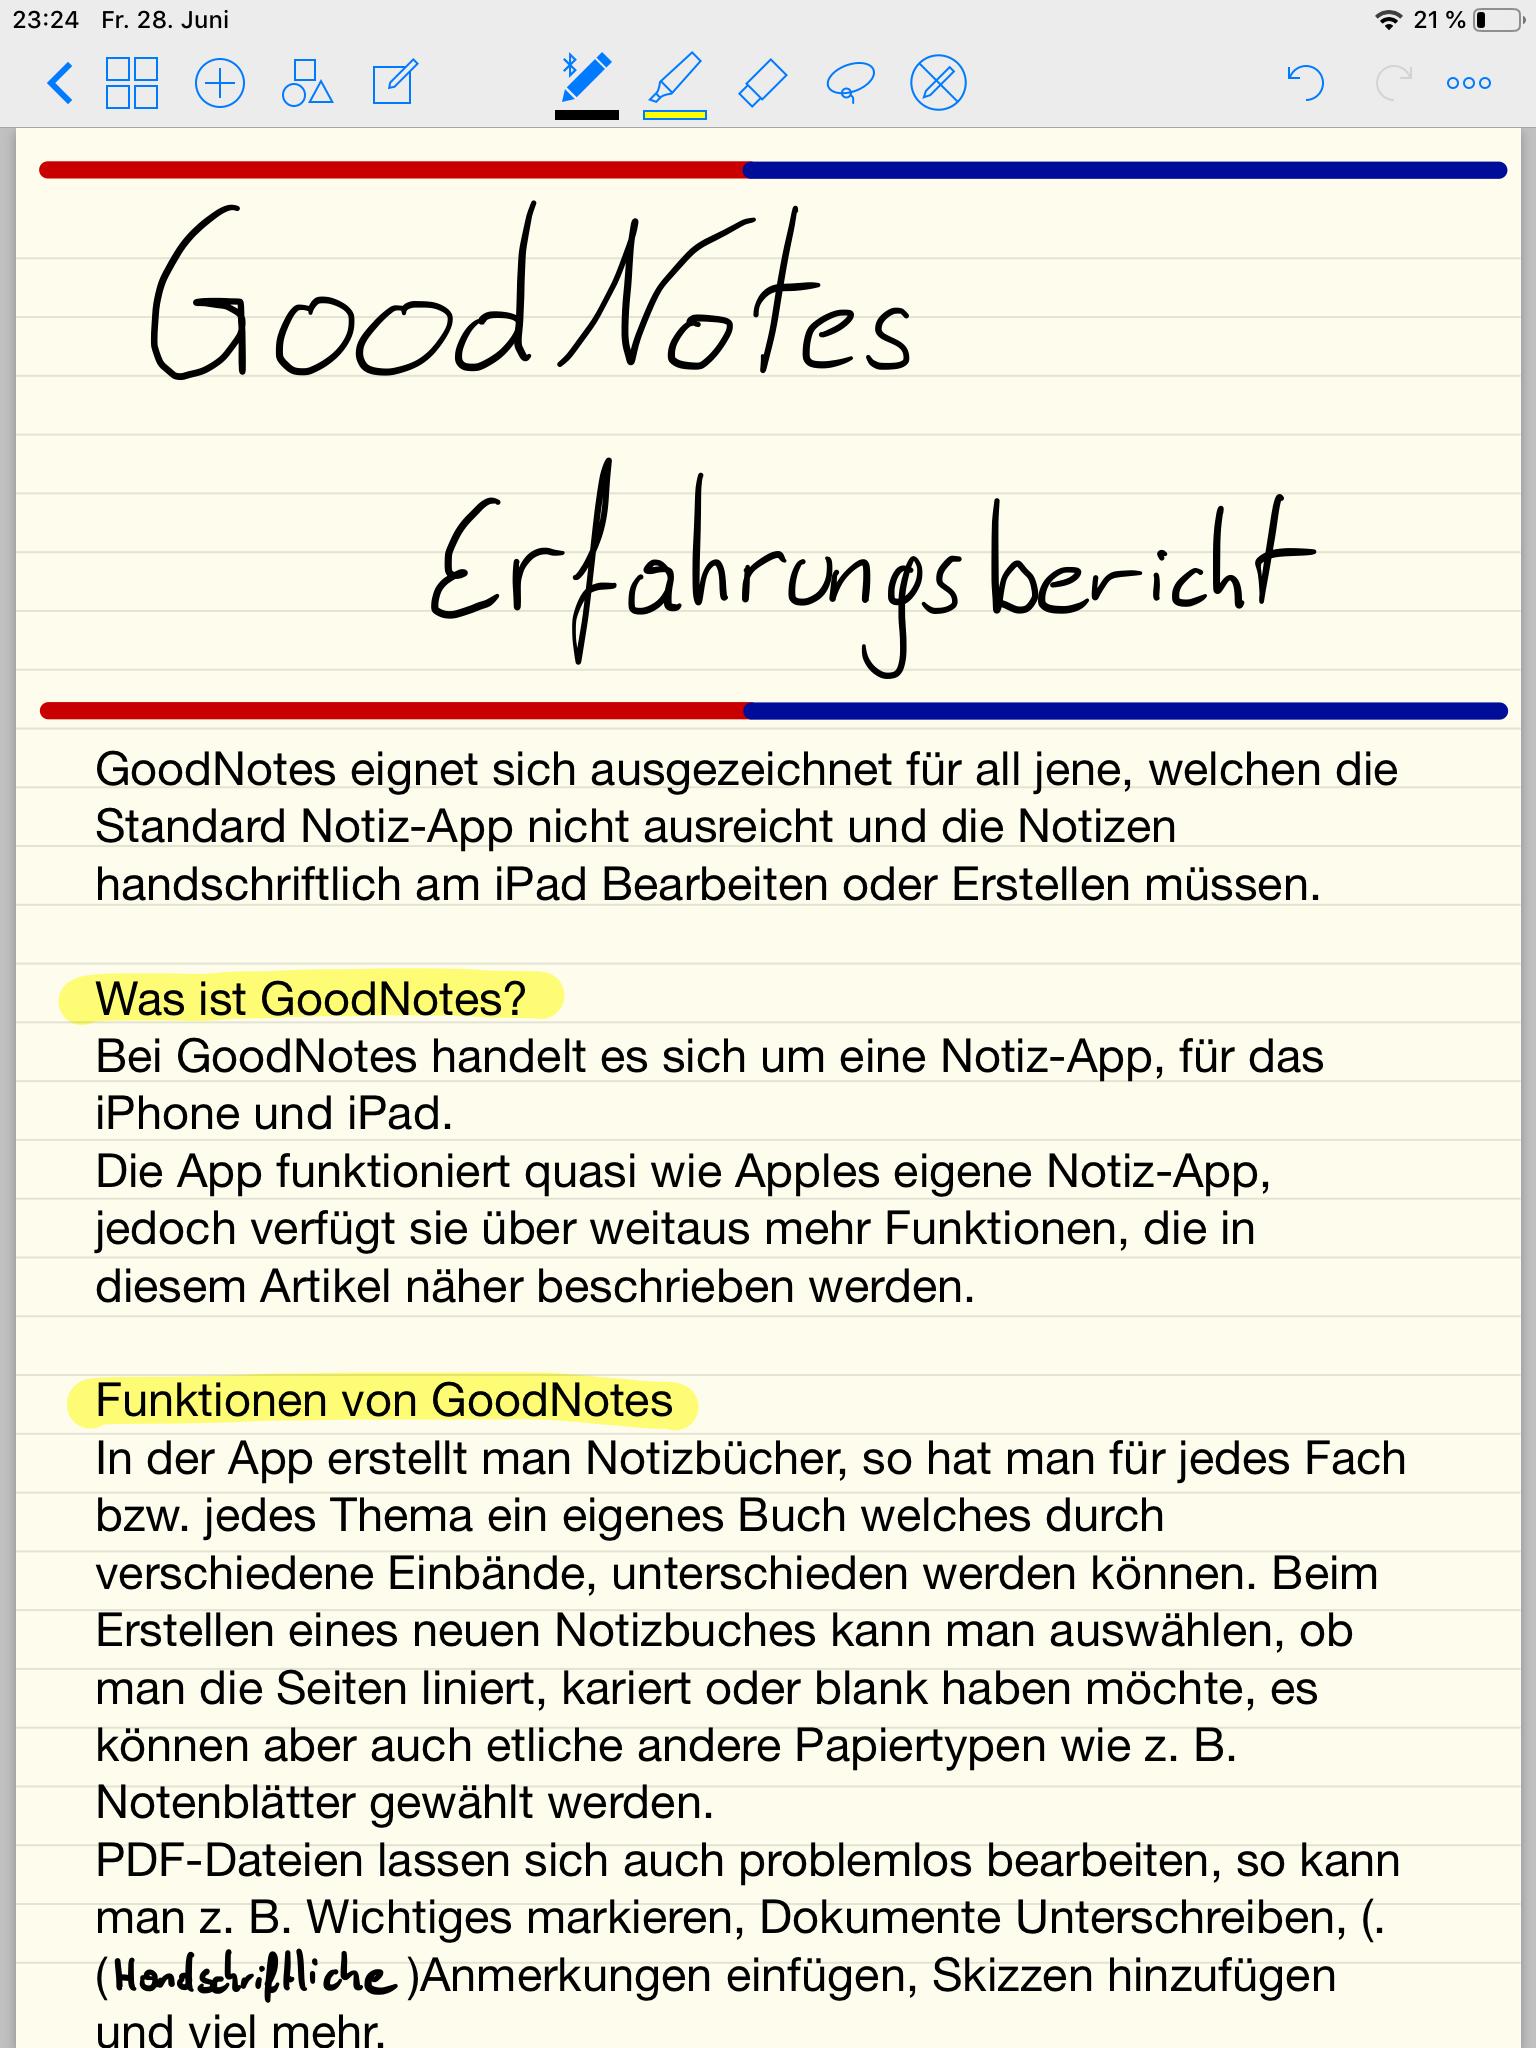 GoodNotes Erfahrungsbericht Screenshot